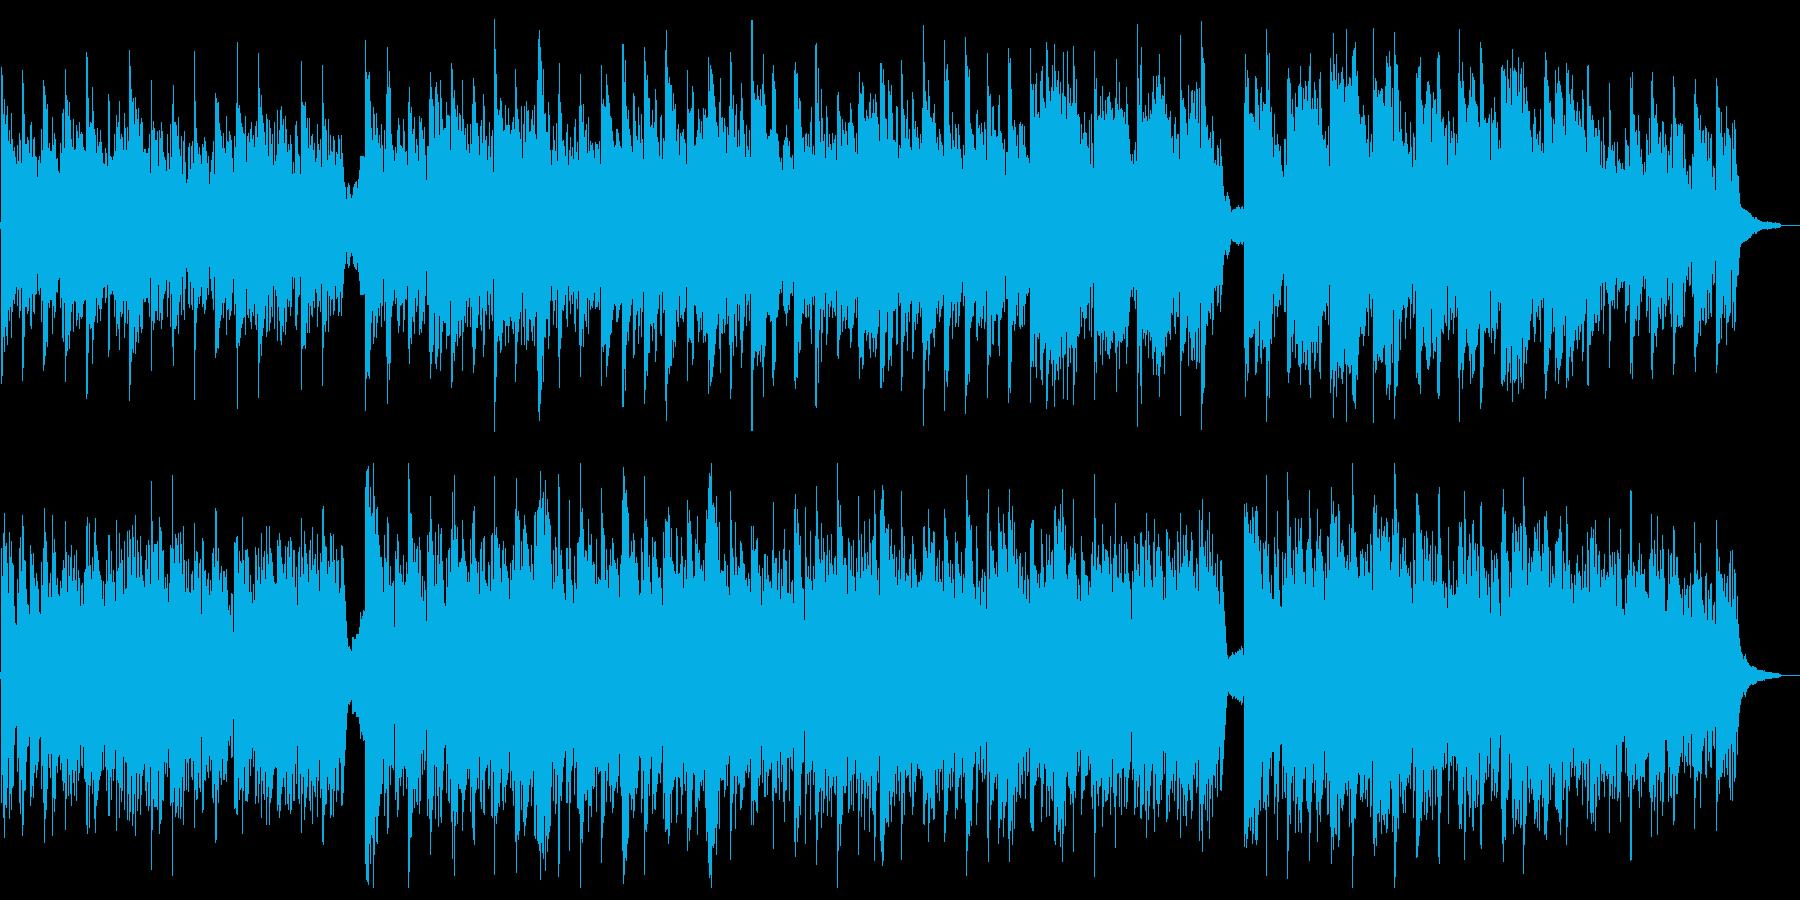 優しく温かいシンプルなピアノ曲バイエル風の再生済みの波形